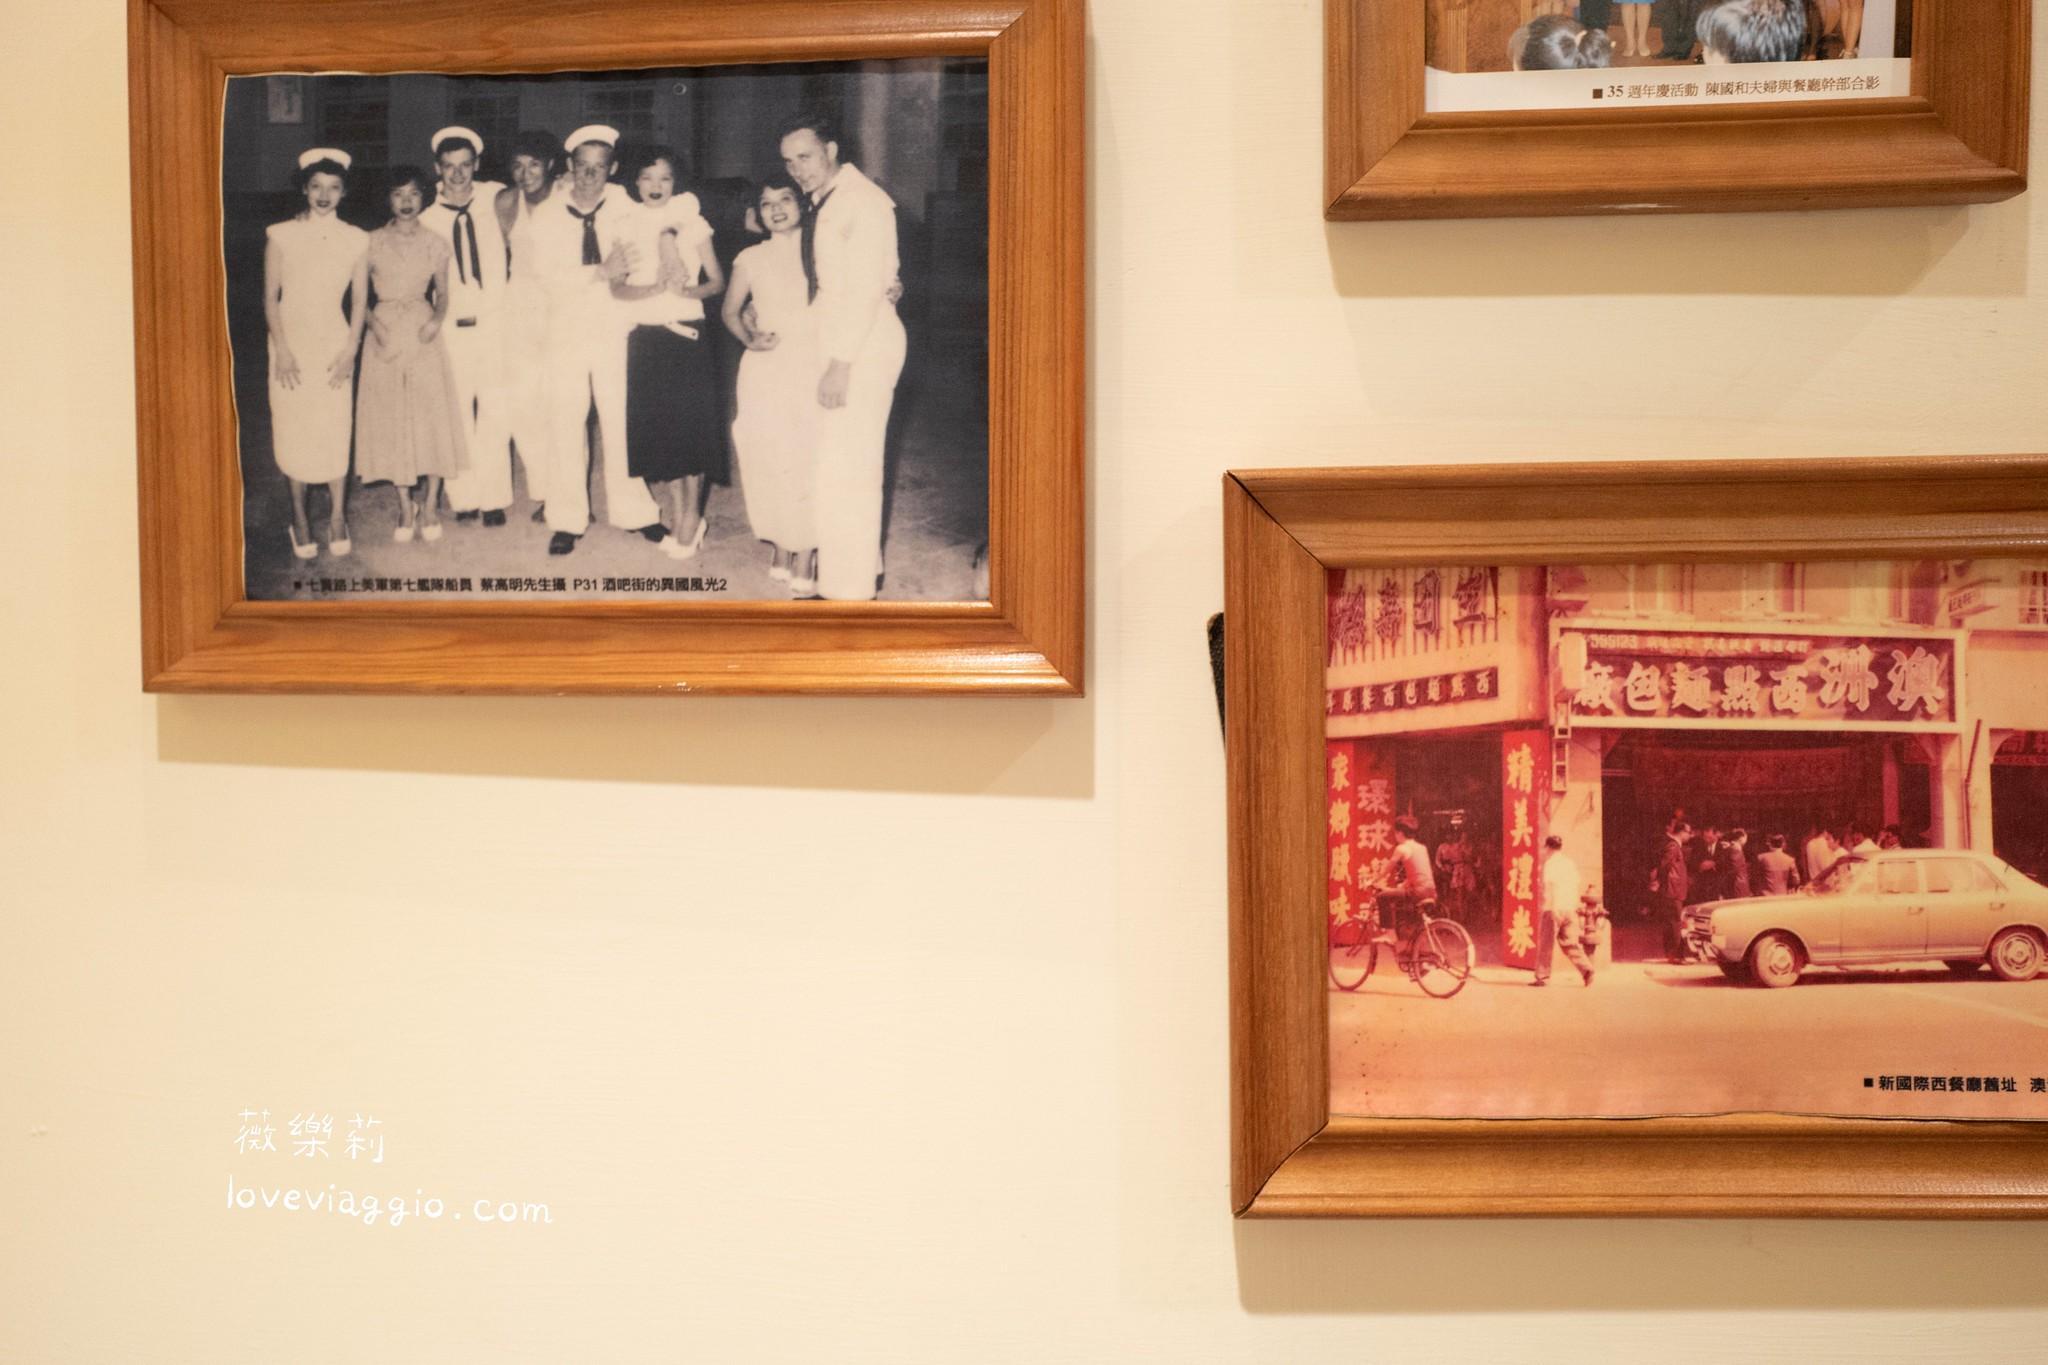 【高雄 Kaohsiung】新國際西餐廳 高雄第一家60年代西餐廳 復古風華再現 @薇樂莉 Love Viaggio | 旅行.生活.攝影